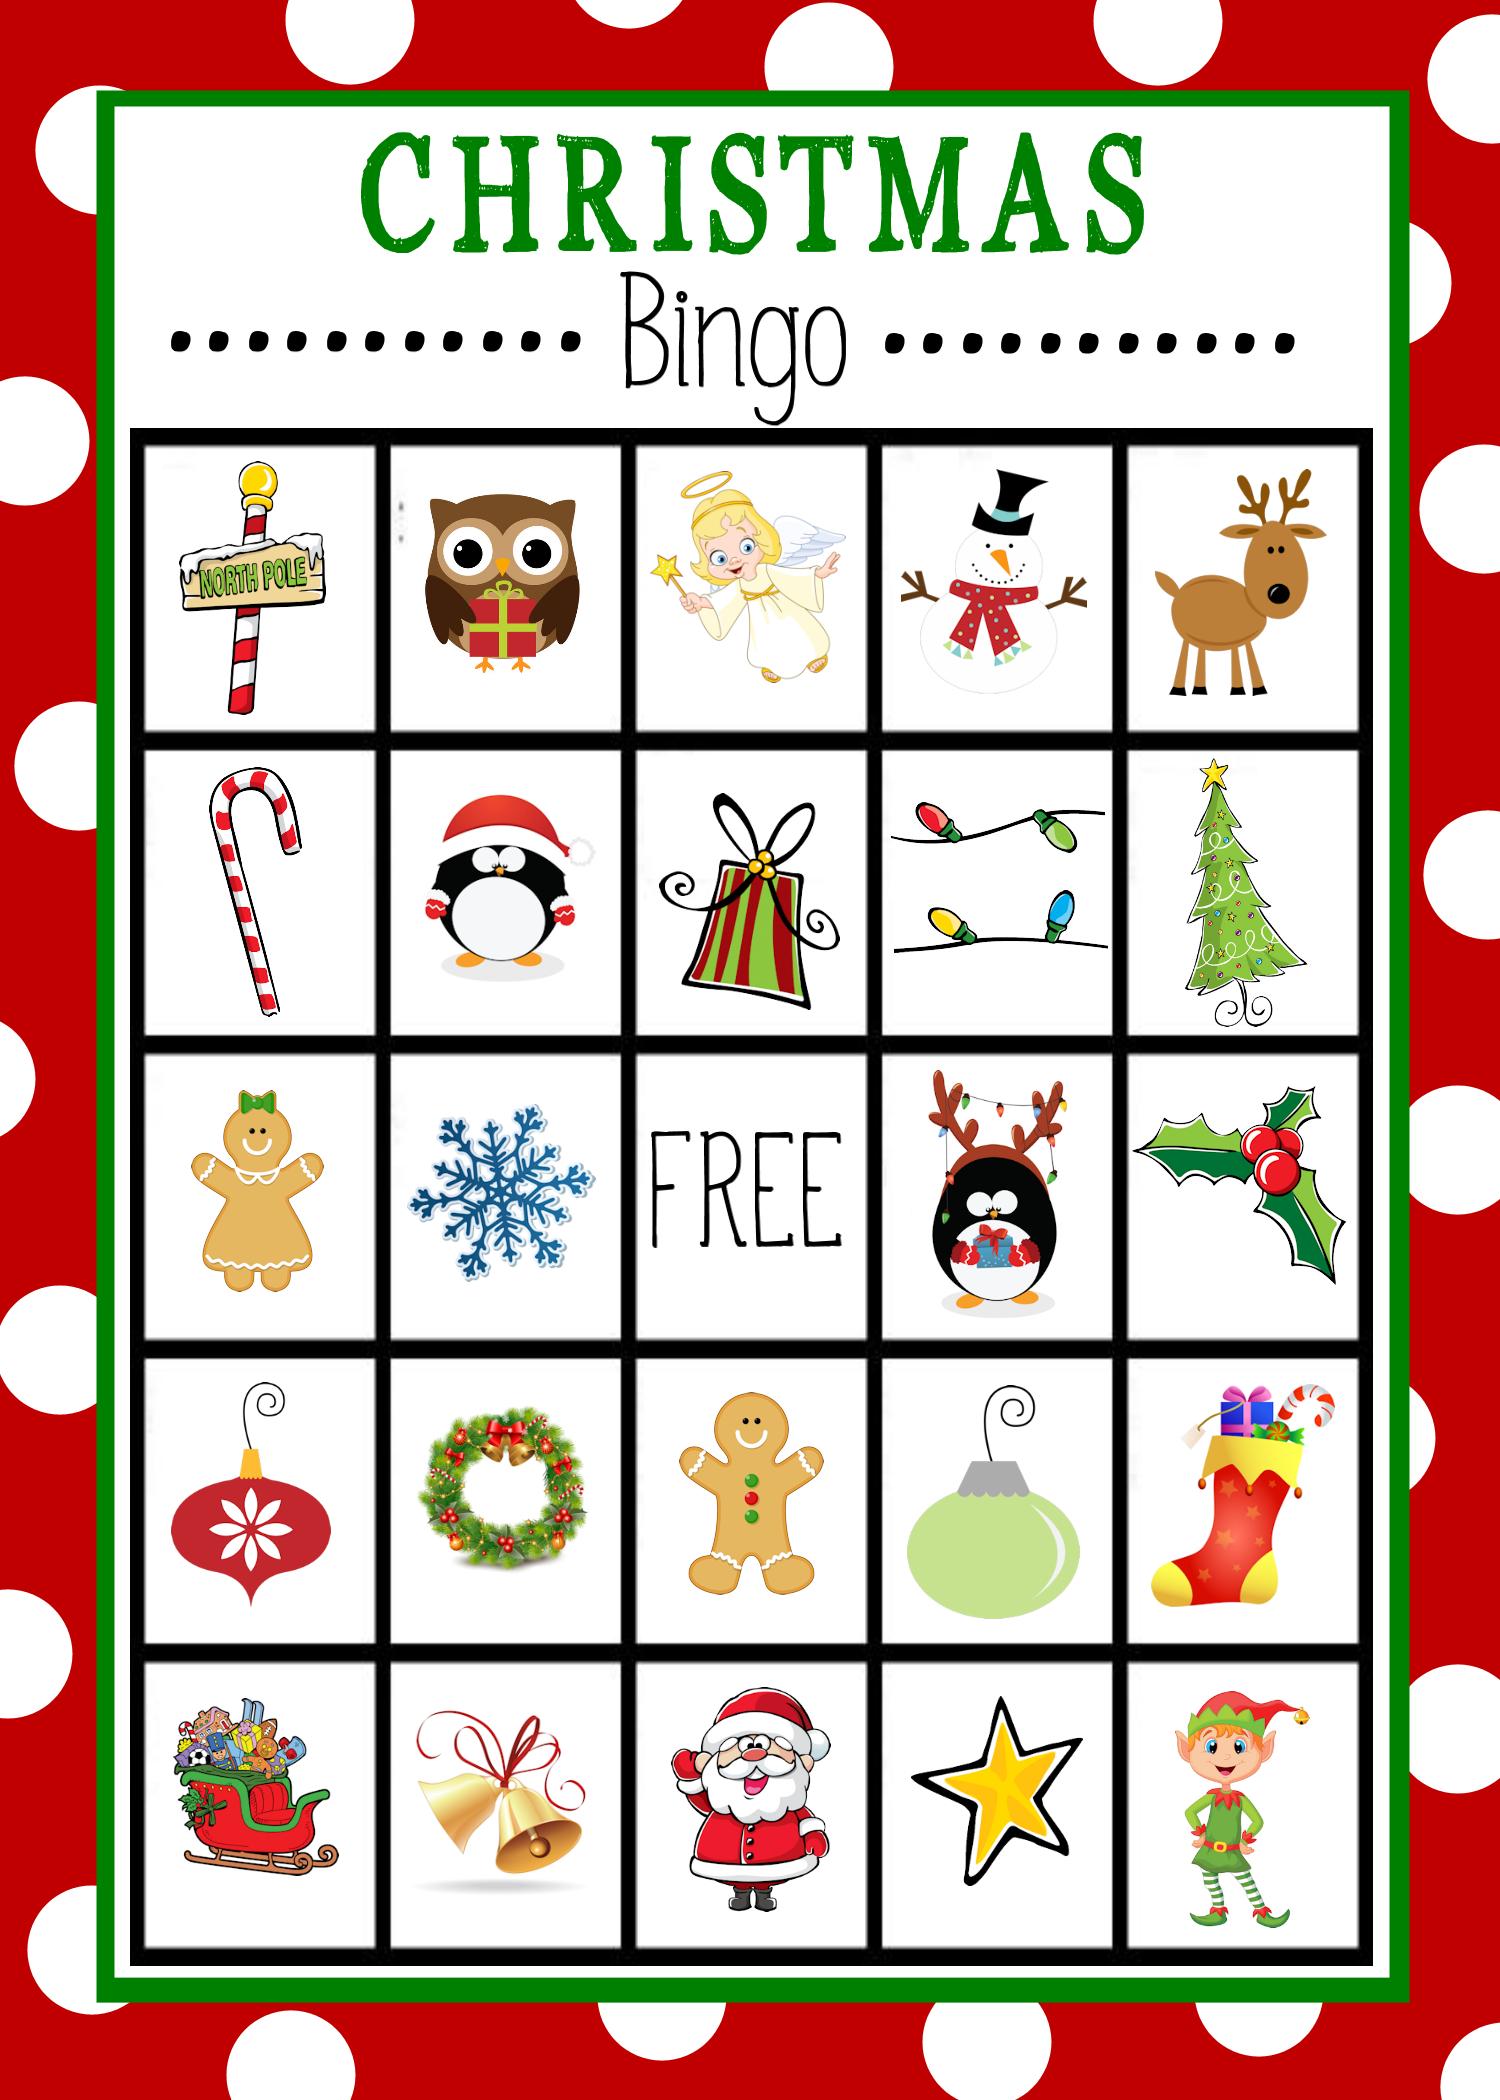 Free Printable Kids Christmas Bingo Game | Christmas Bingo